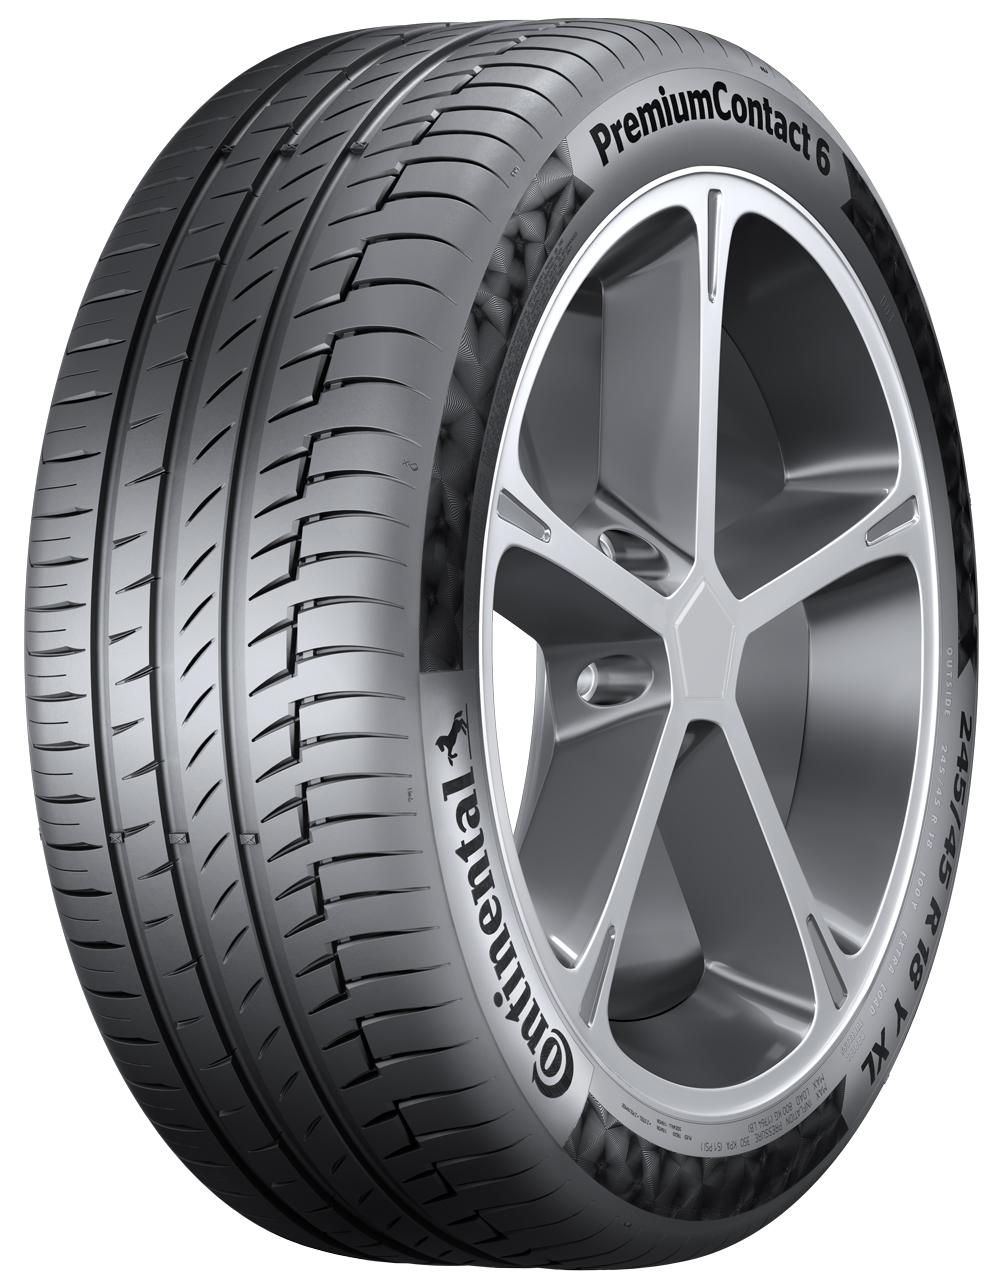 Continental PremiumCont.6 XL FR MO 275/50 R21 113Y off road, 4x4, suv nyári gumi